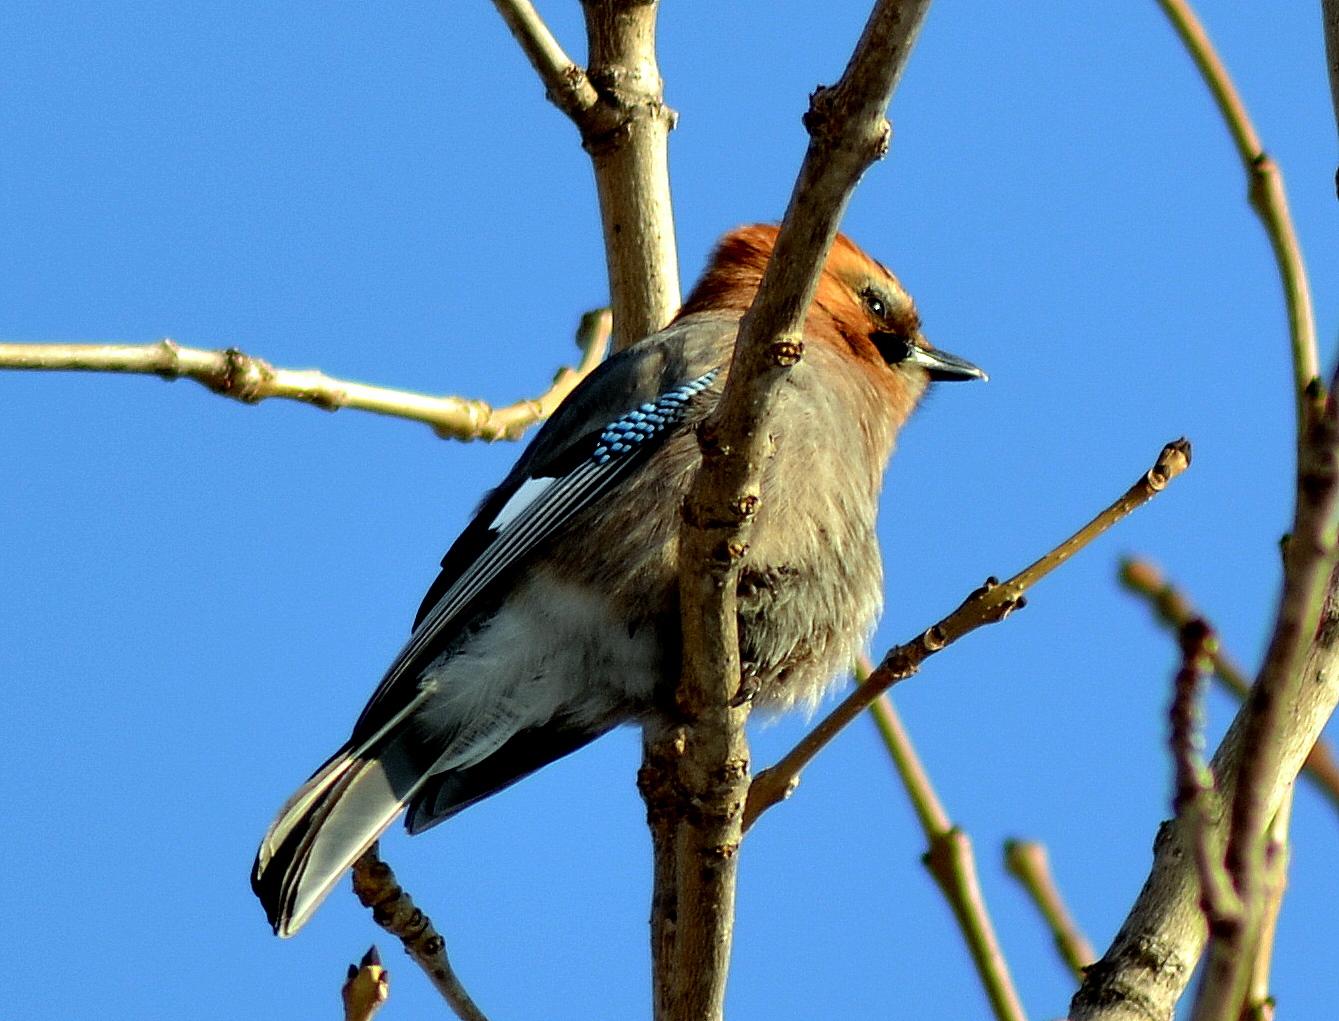 судьба, внезапное картинки птиц хабаровского края человек может